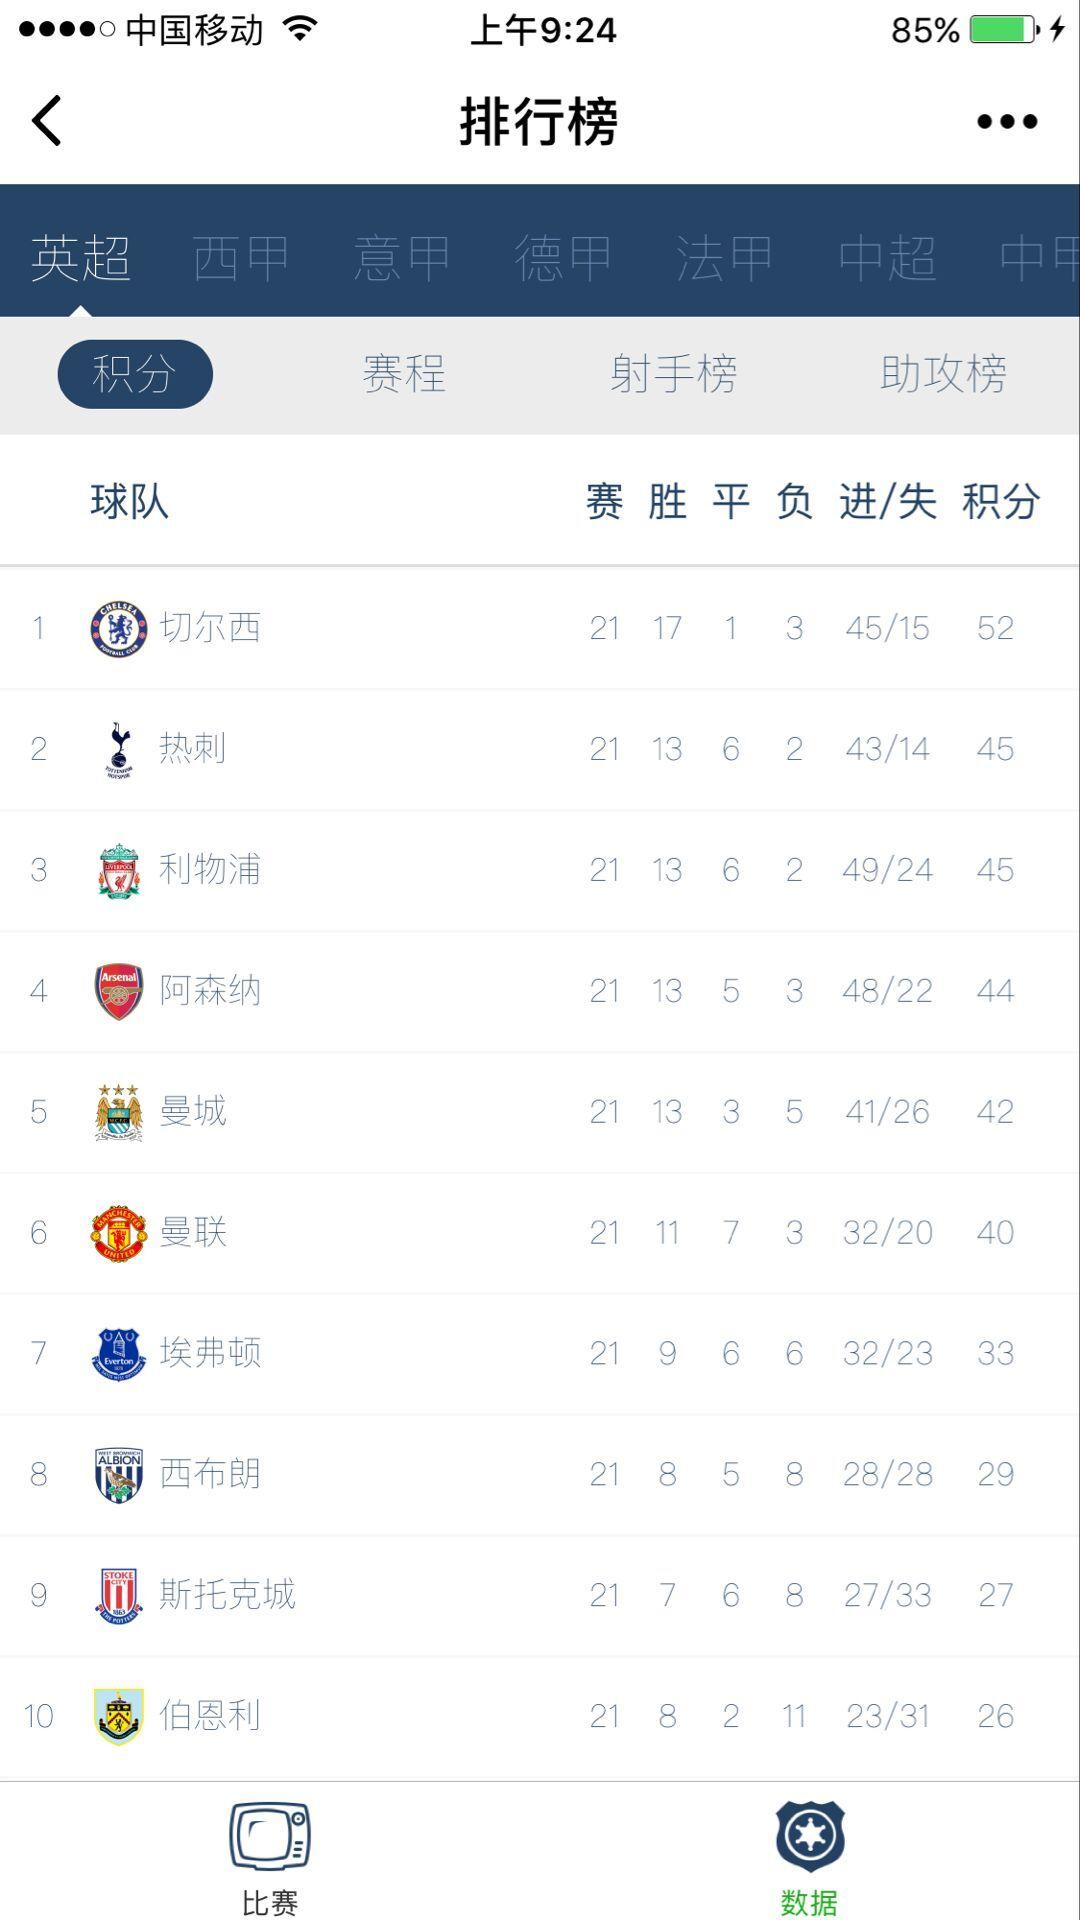 足球赛程积分排行榜微信小程序